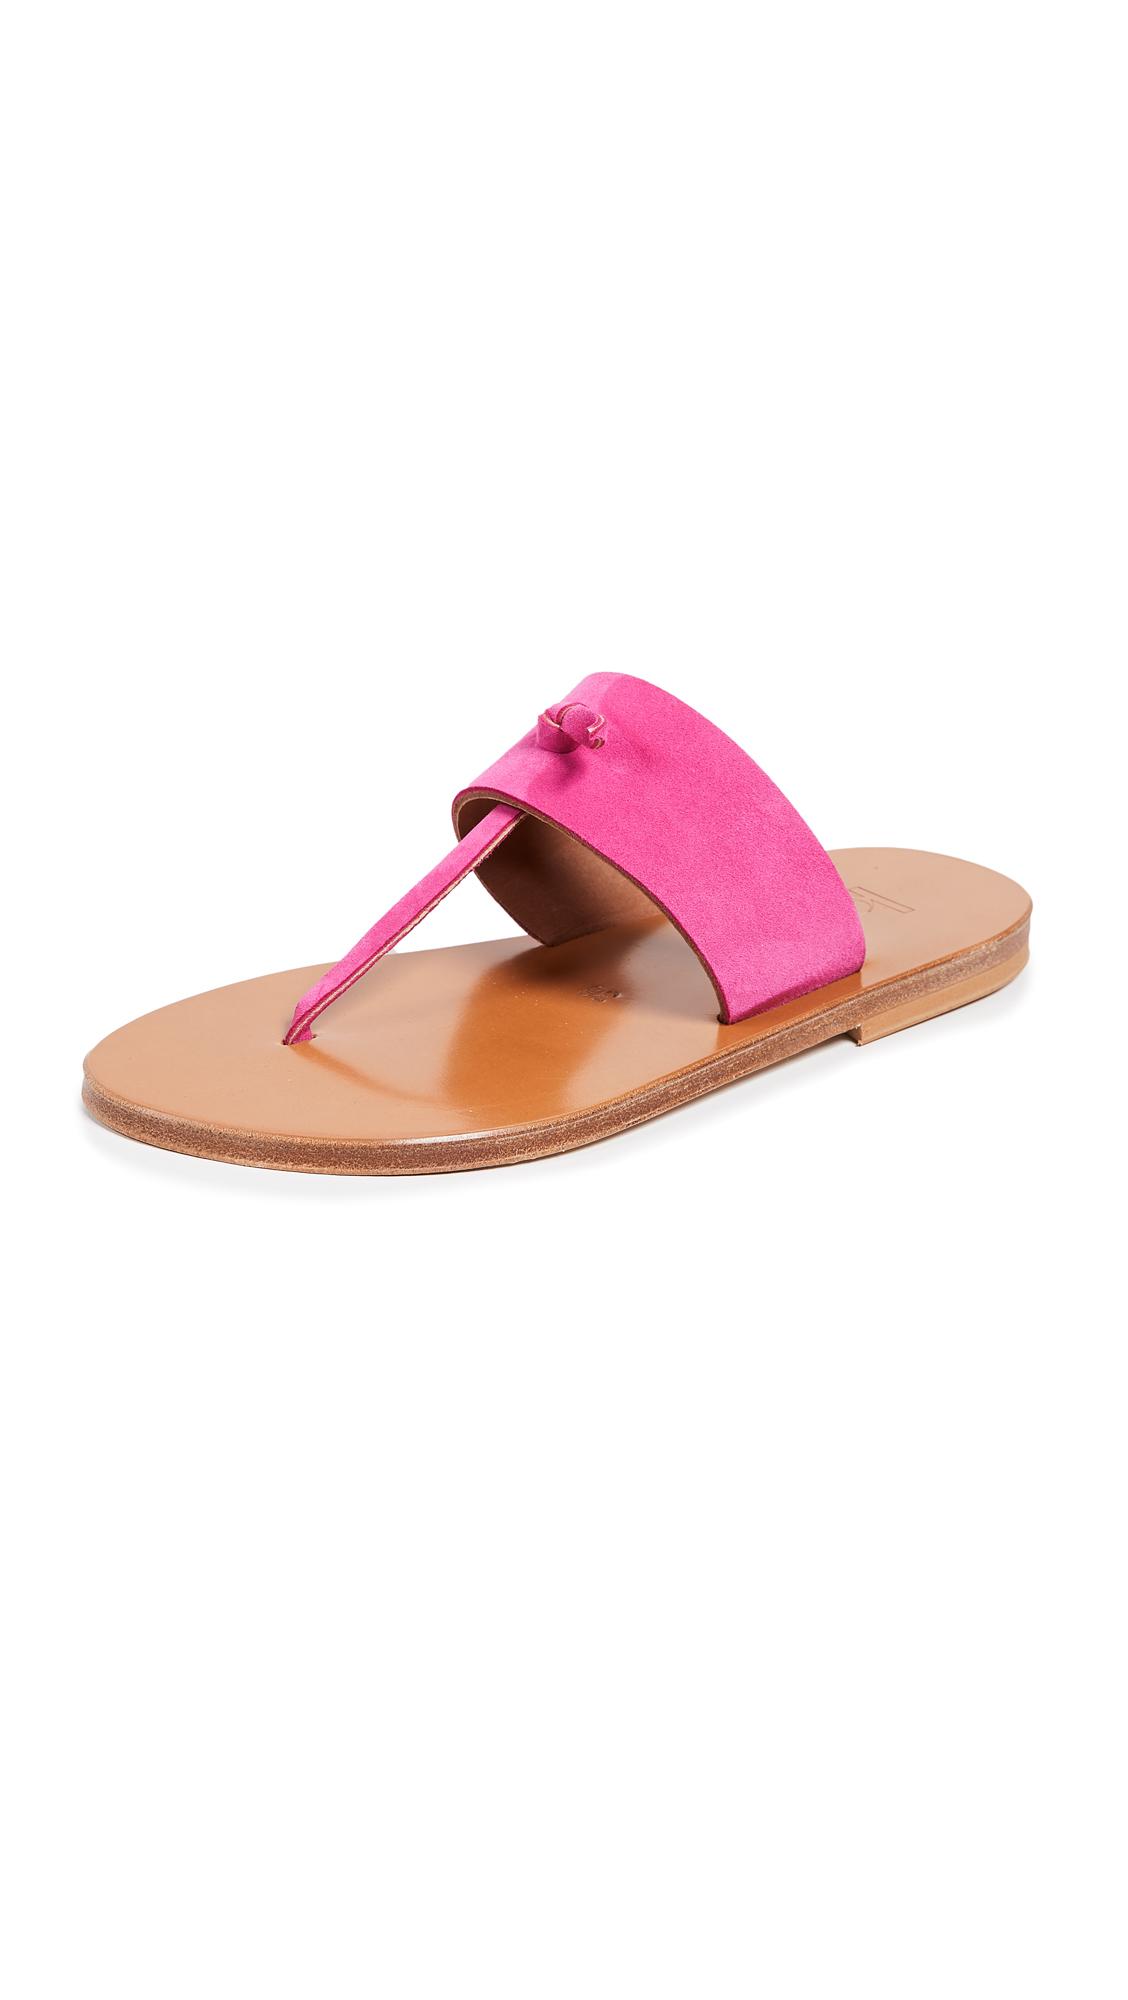 K. Jacques Shambala Thong Sandals - Velours Framboise